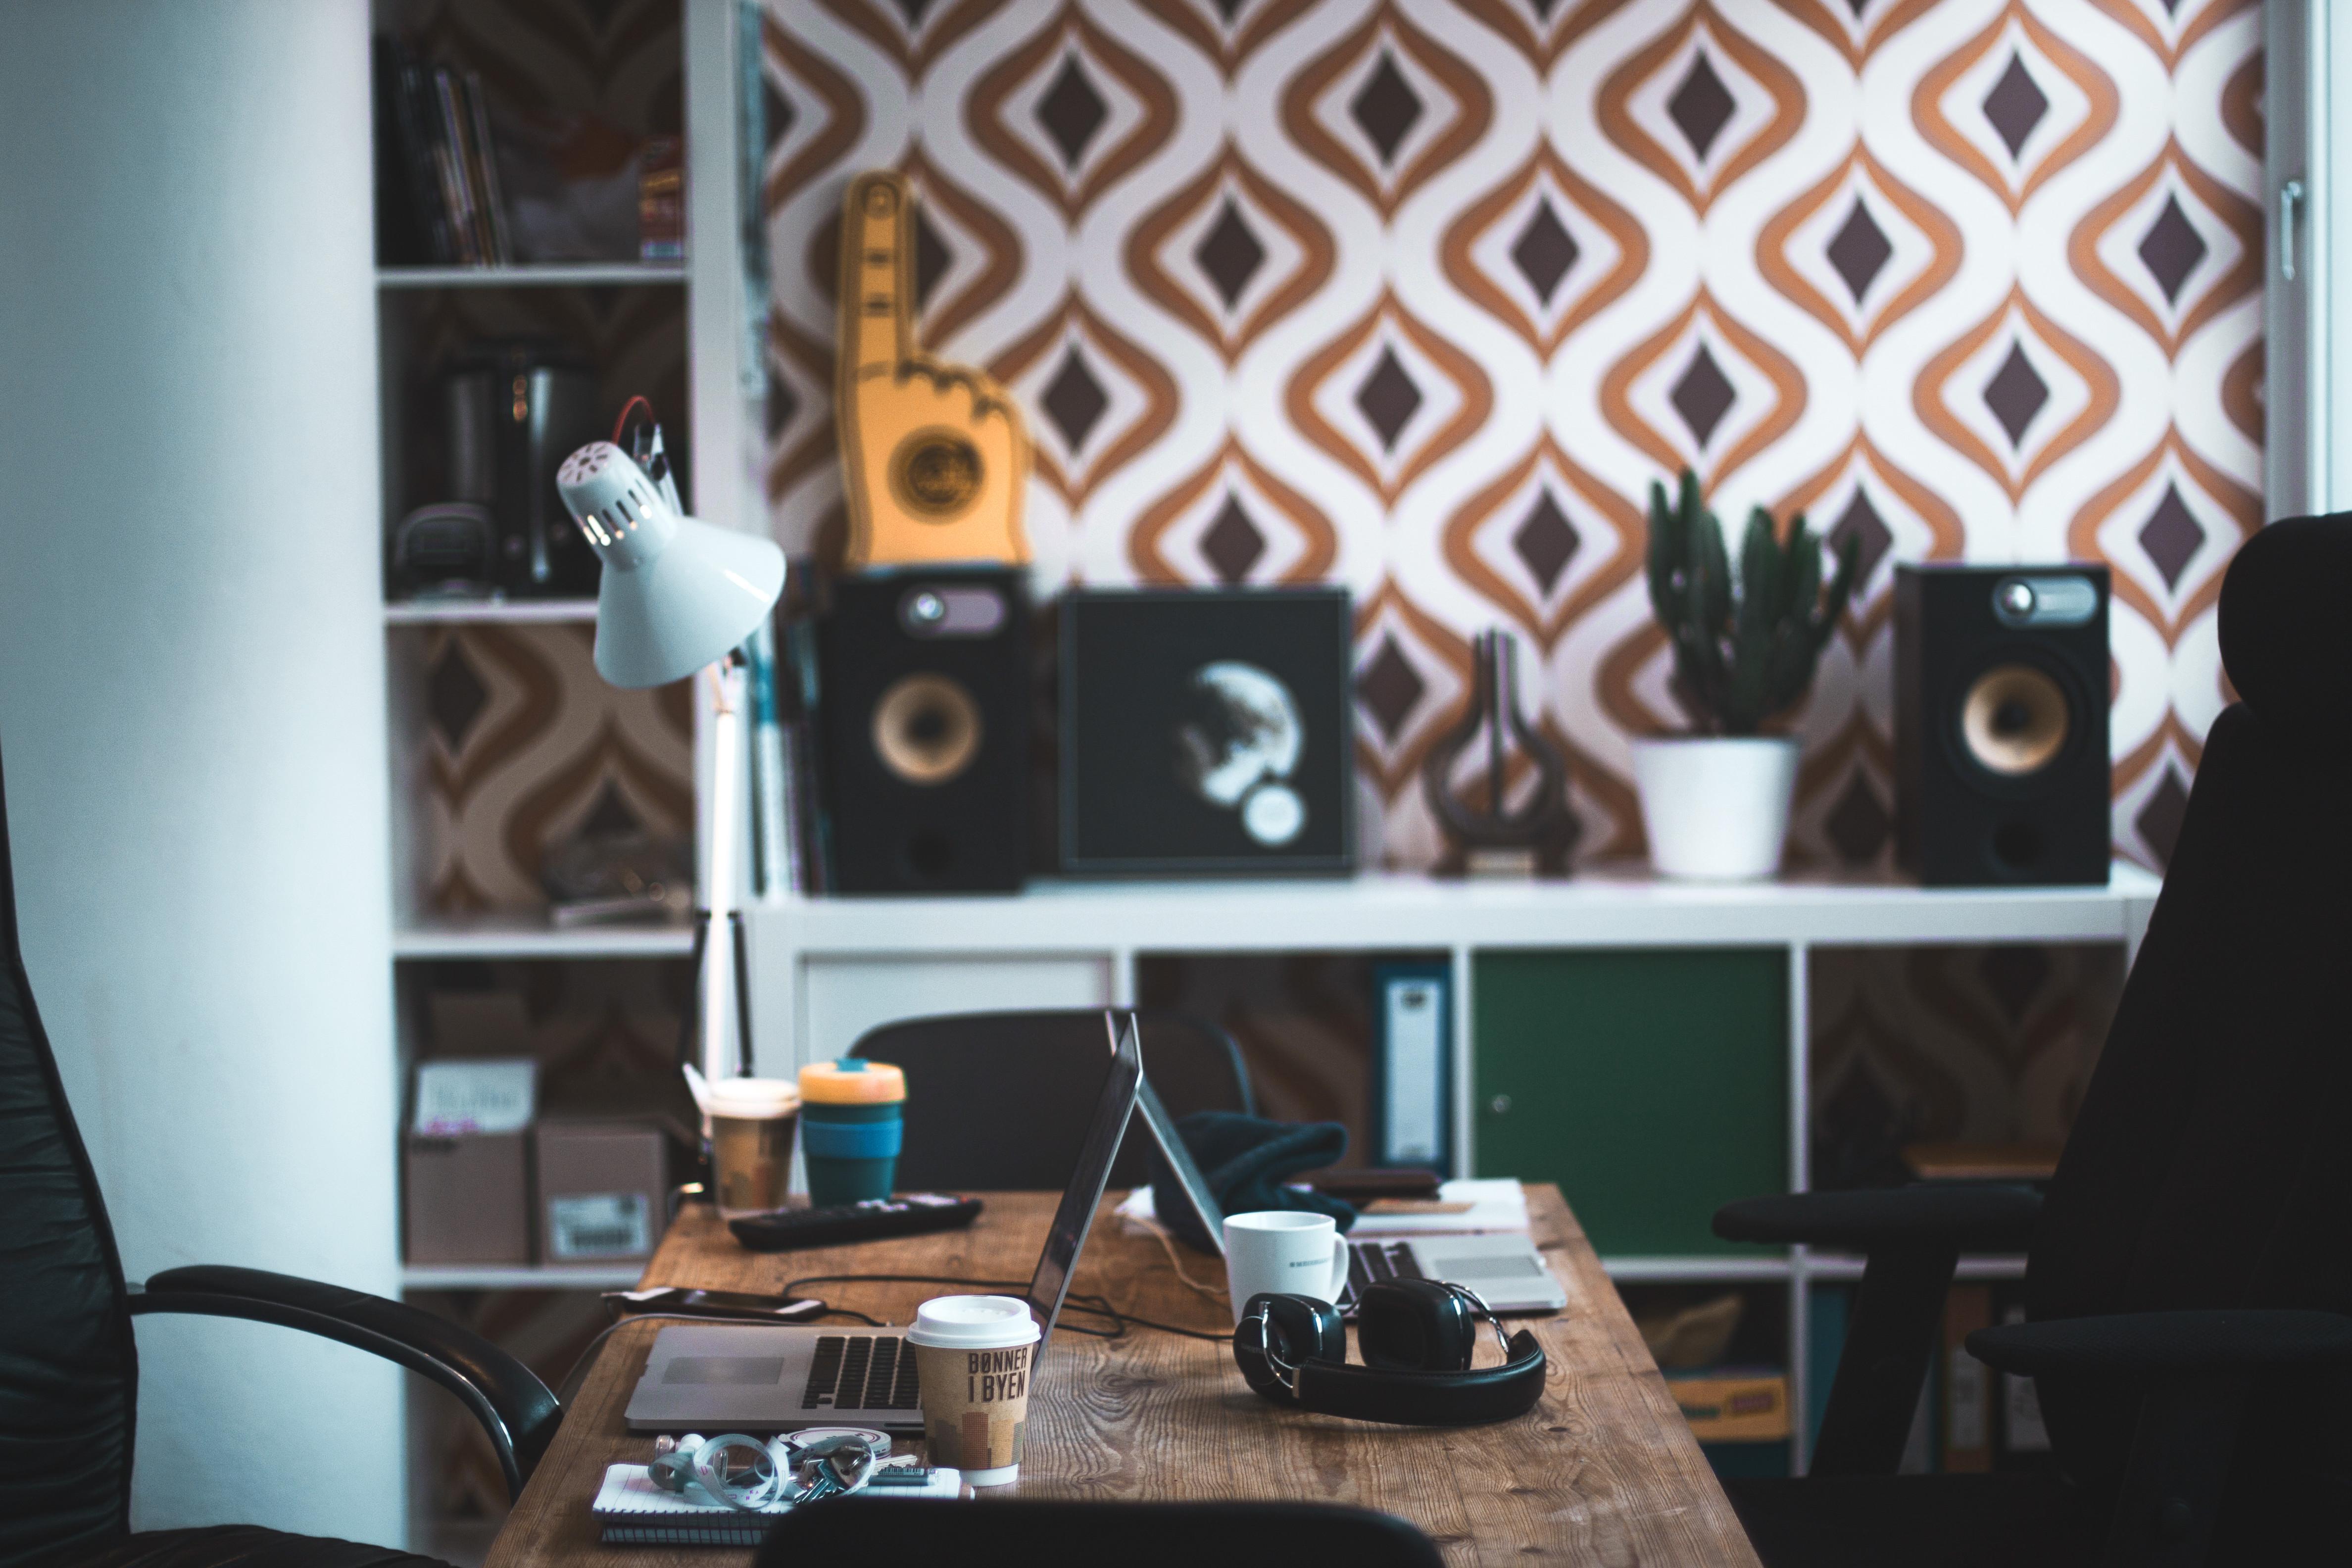 Leerere Tische mit unscharfem Küchen hintergrund und Lampe.